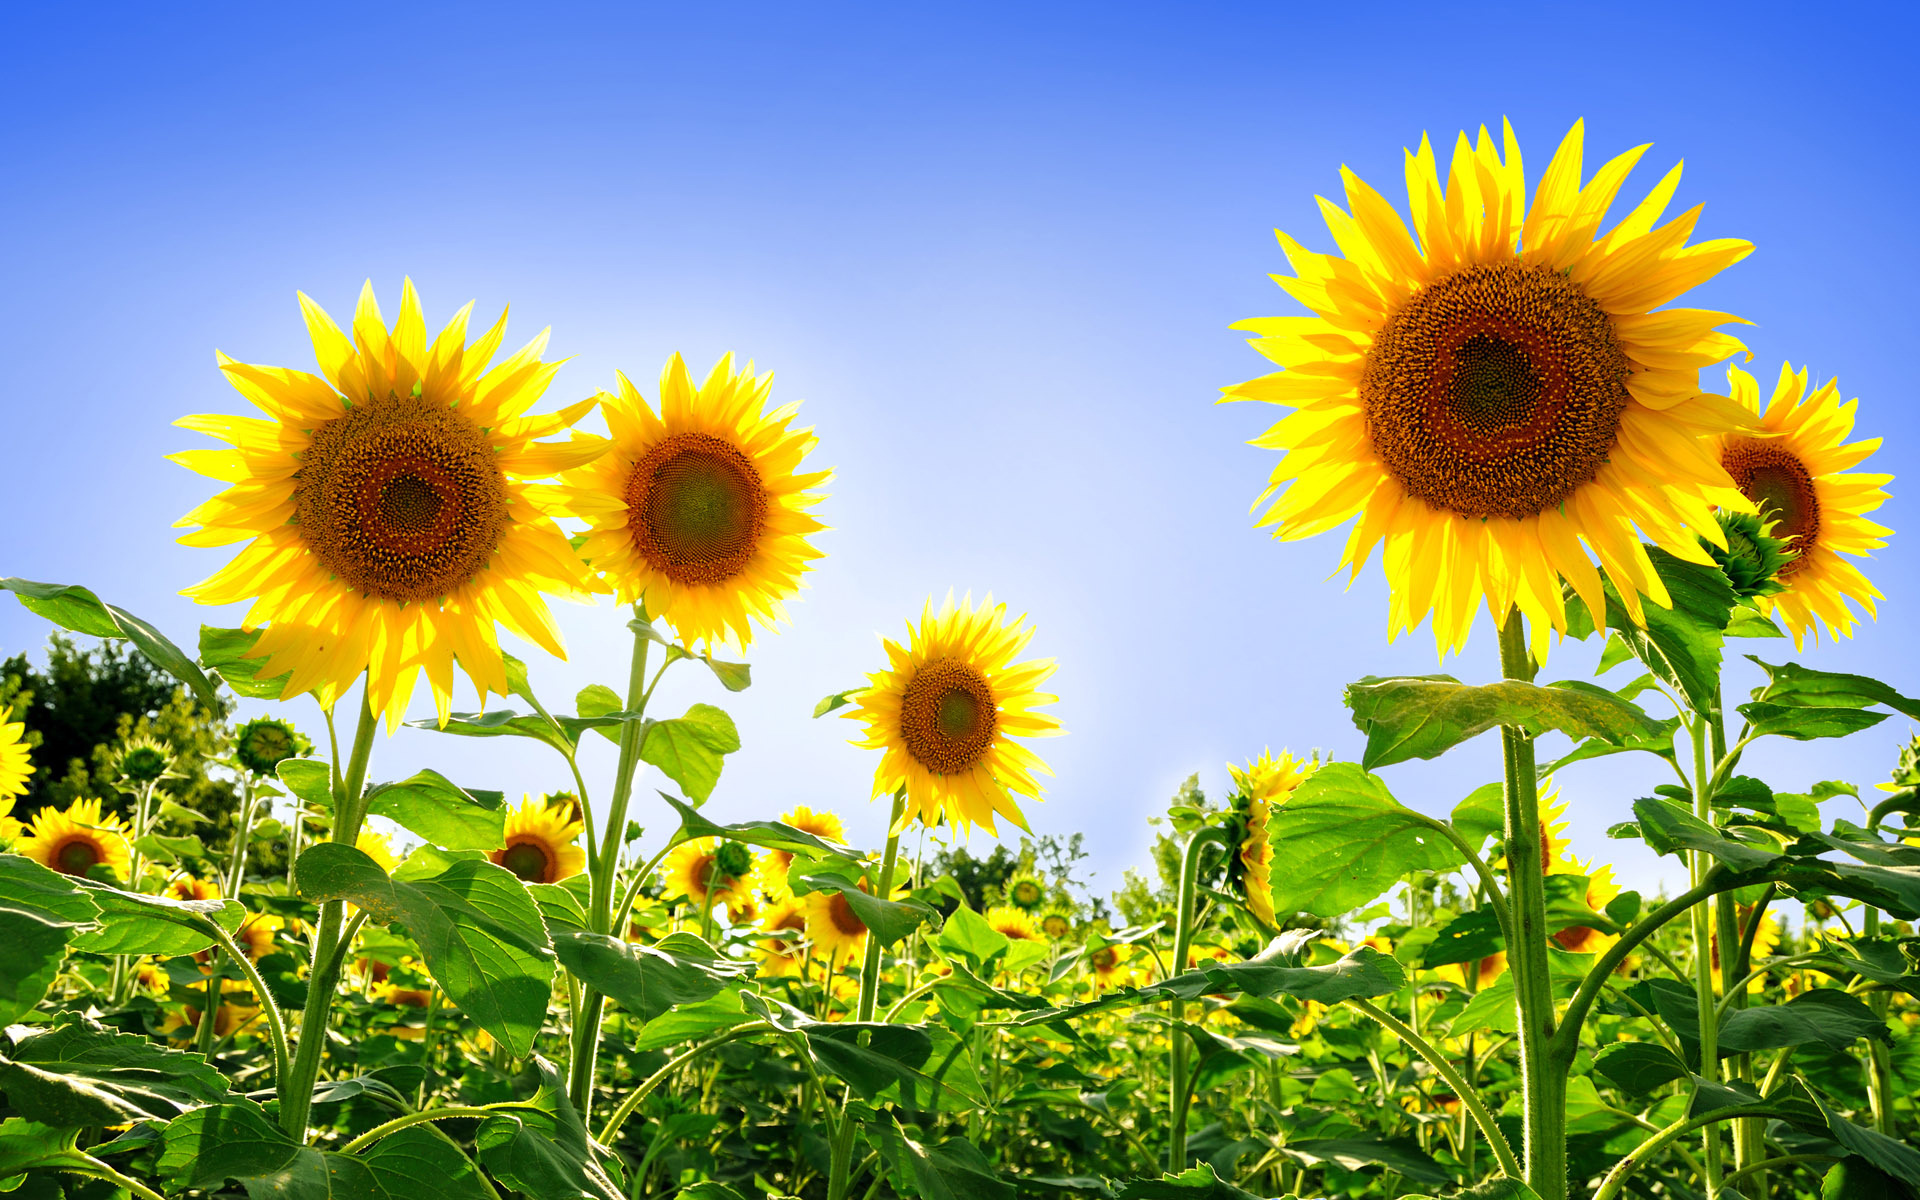 Sunflower Wallpaper 16052 1920x1200 px ~ HDWallSource.com